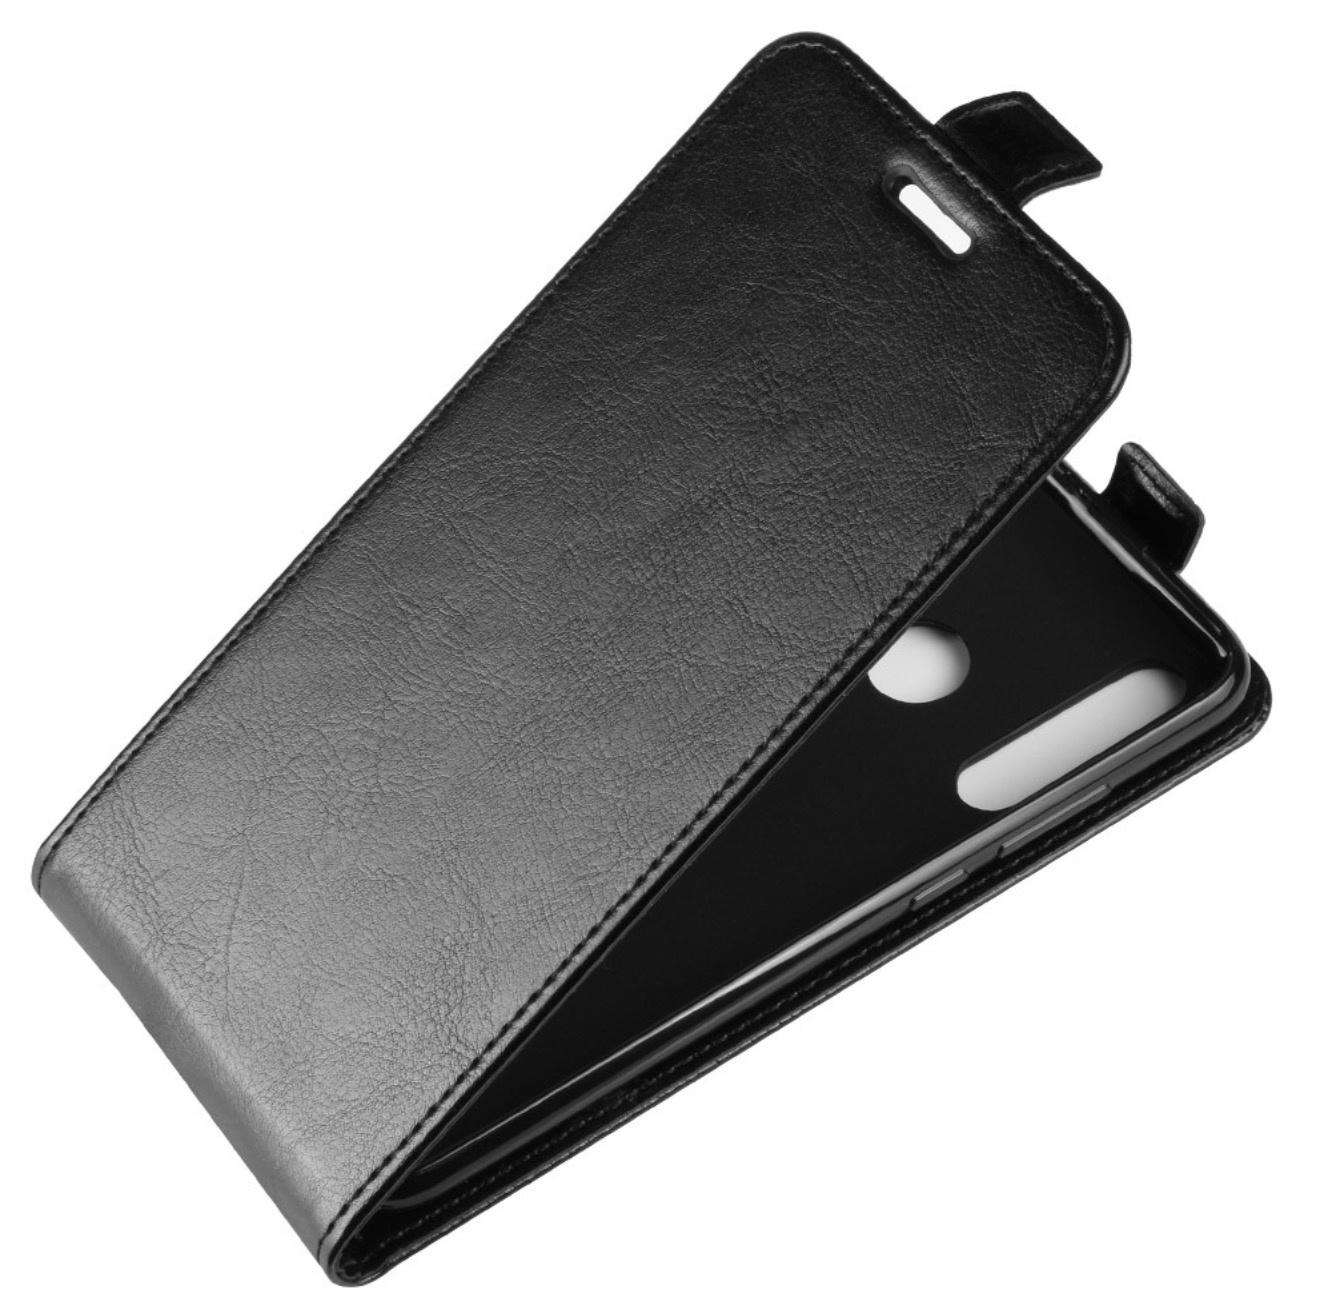 Чехол-флип MyPads для Sony Xperia T2 Ultra/ T2 Ultra Dual D5303/D5322 вертикальный откидной черный смартфон sony xperia t2 ultra dual d5322 black